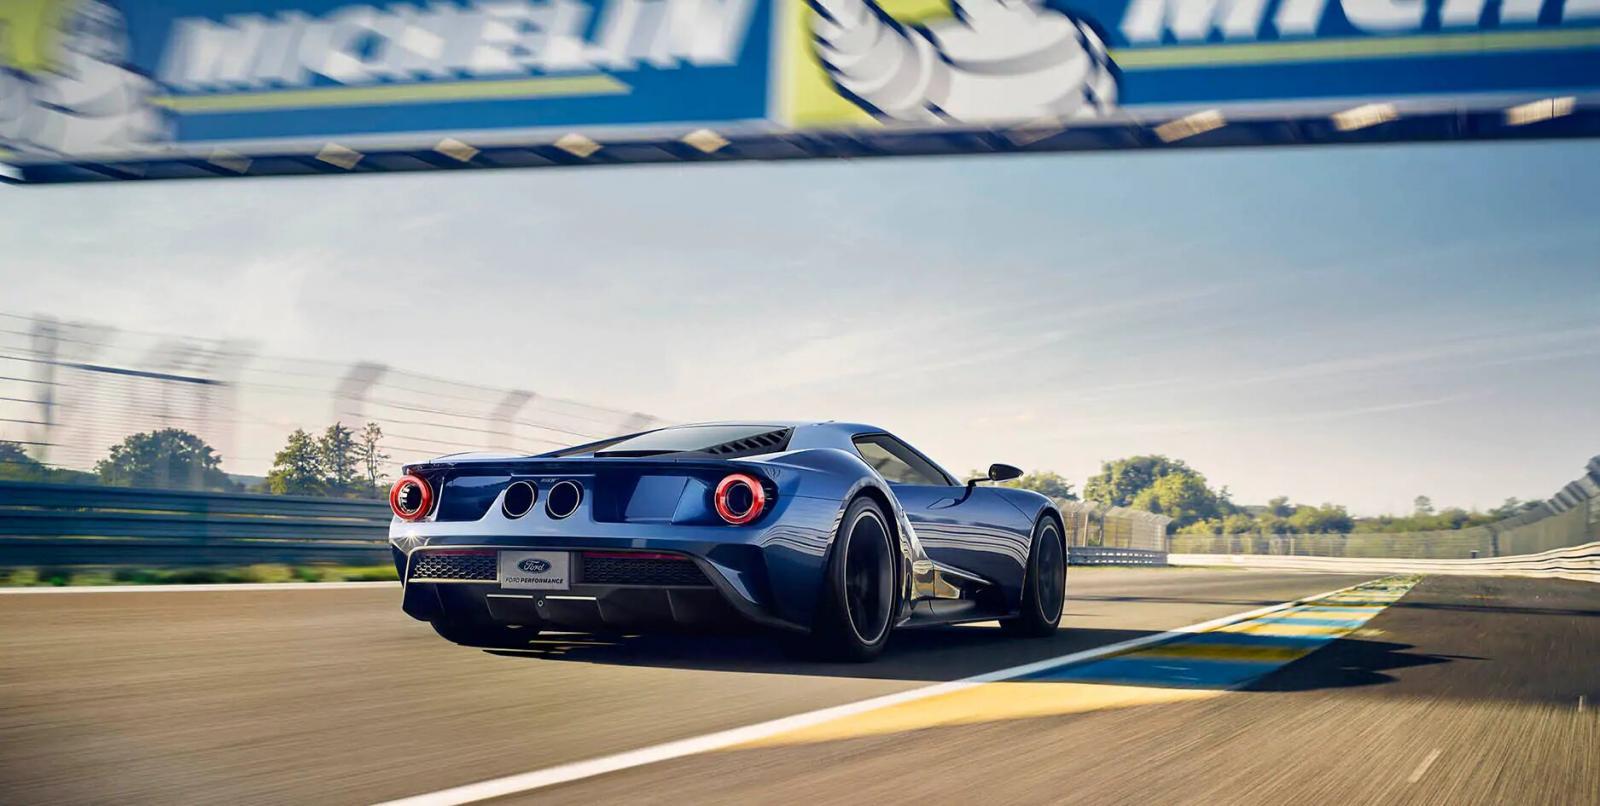 Ford GT 2020 precio en México Muestra sus mayores virtudes en carretera o en circuito